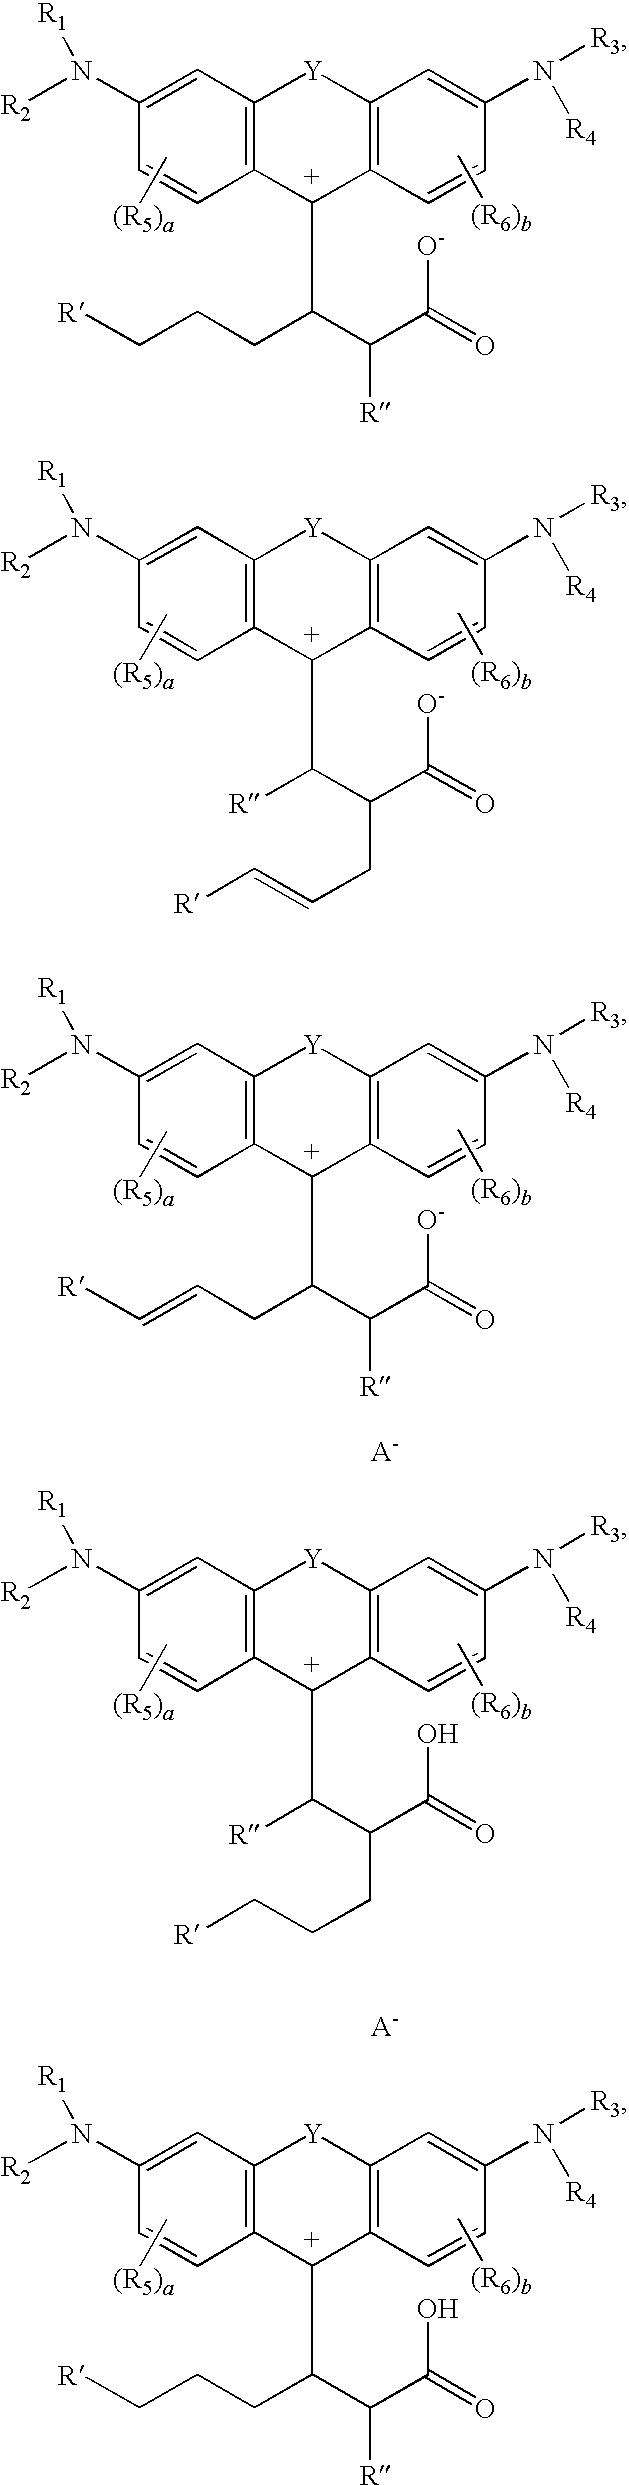 Figure US07910754-20110322-C00078